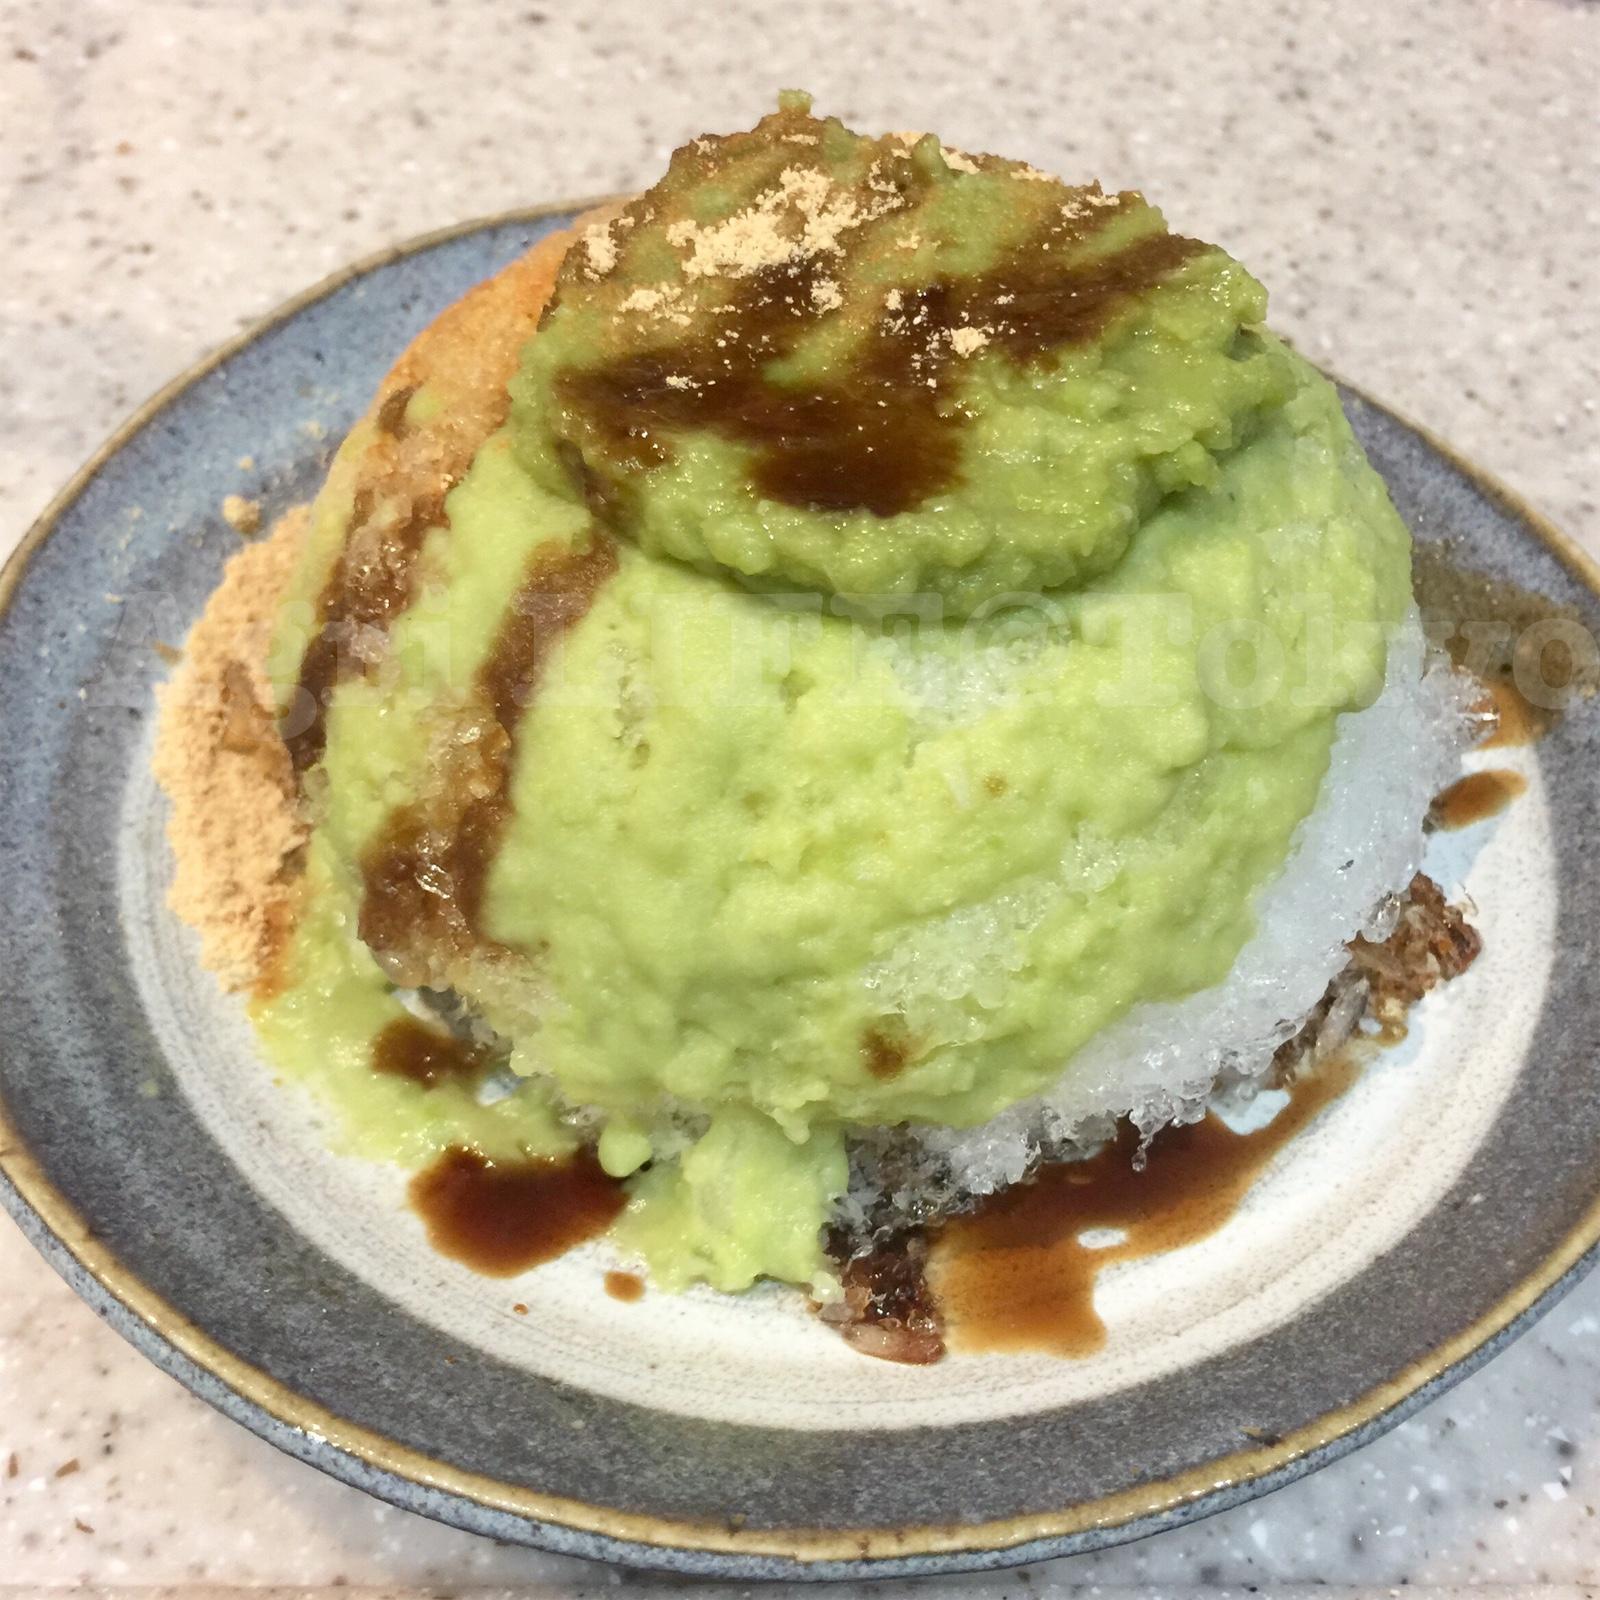 【かき氷】自家製そら豆ずんだ餡&黒糖シロップ